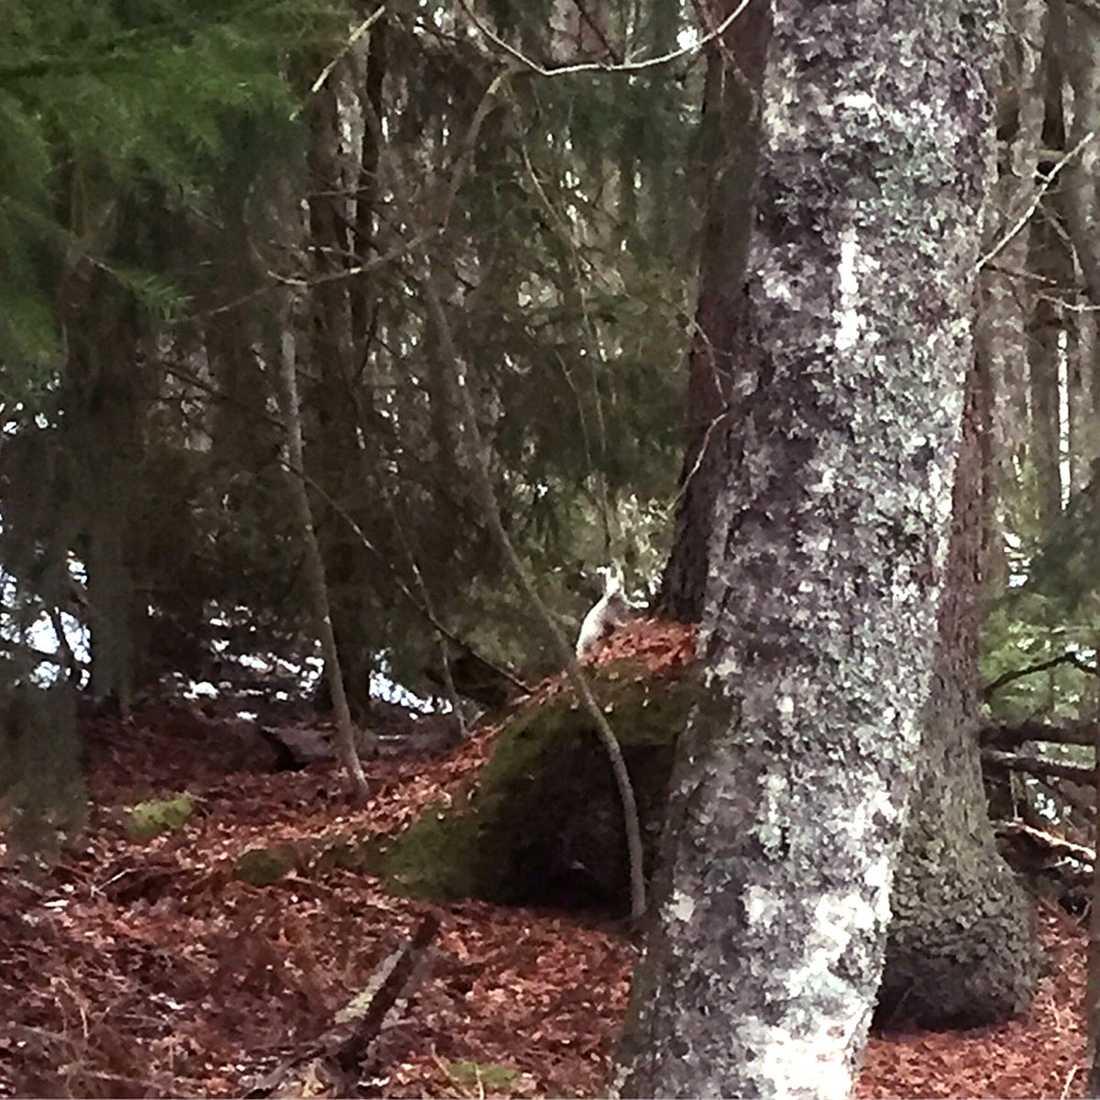 Emma, var omkring fem meter från ekorren, och tog fram mobilen och fotograferade.